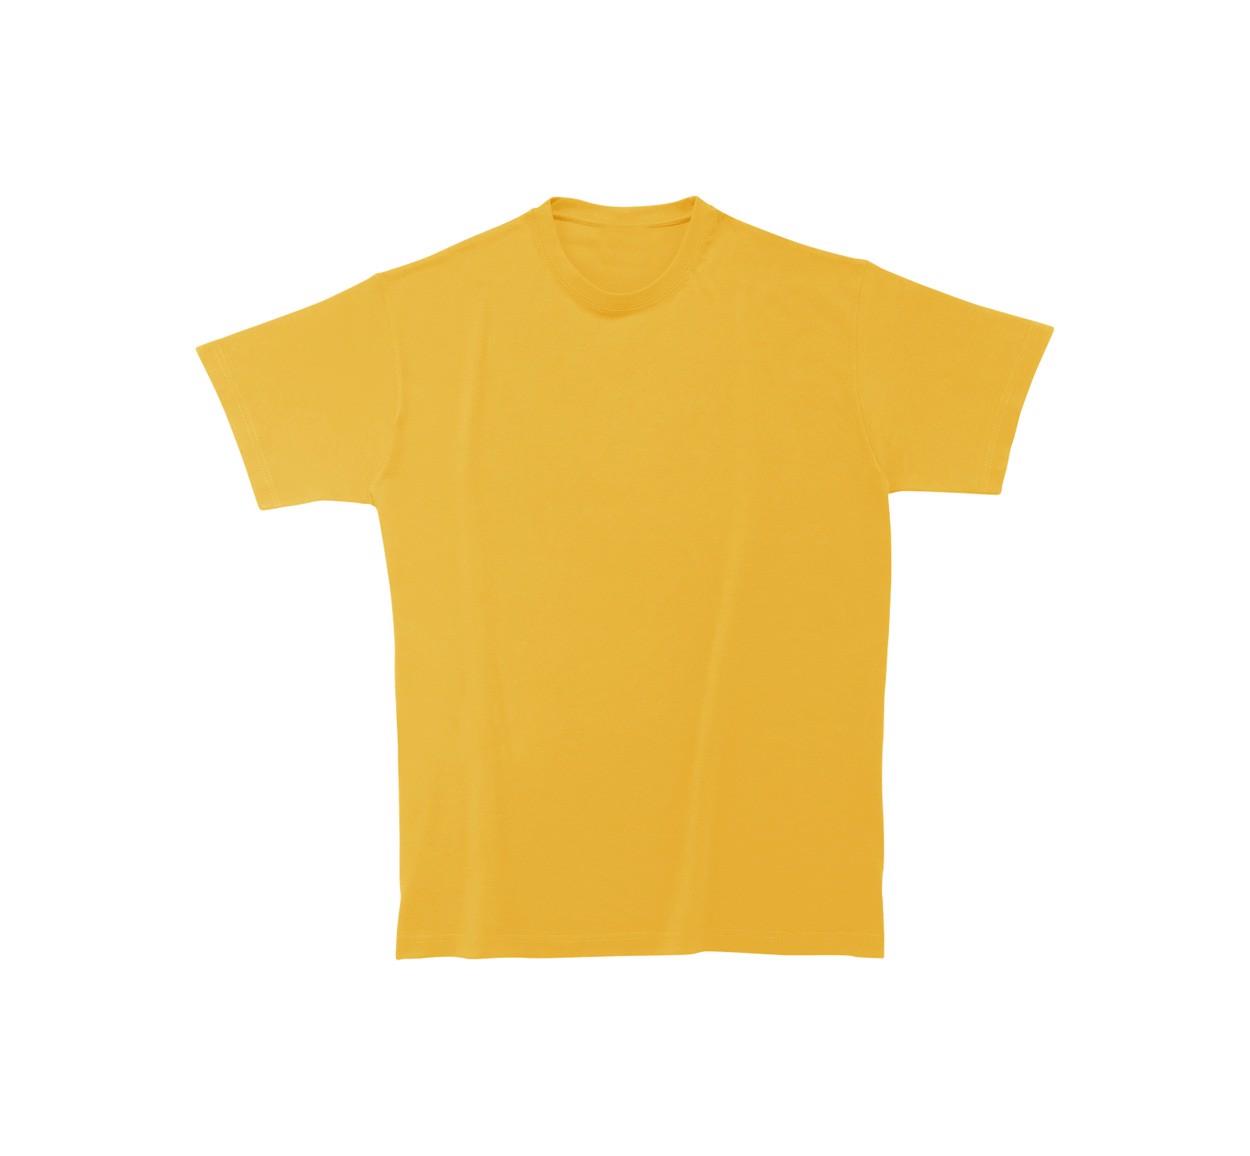 Tričko Heavy Cotton - Zlatá Žlutá / XL